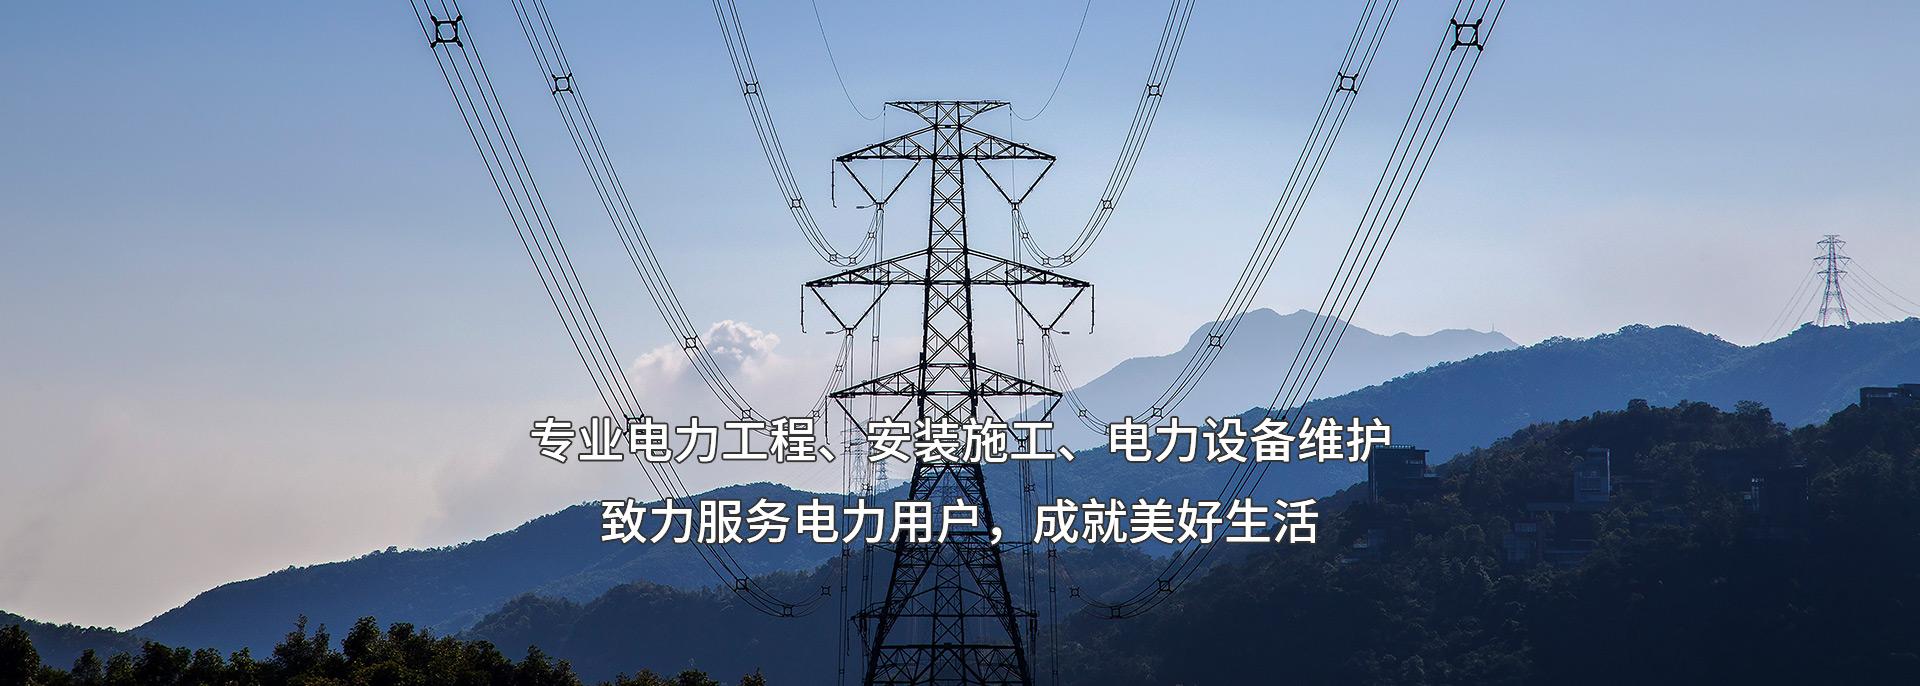 电力工程施工公司